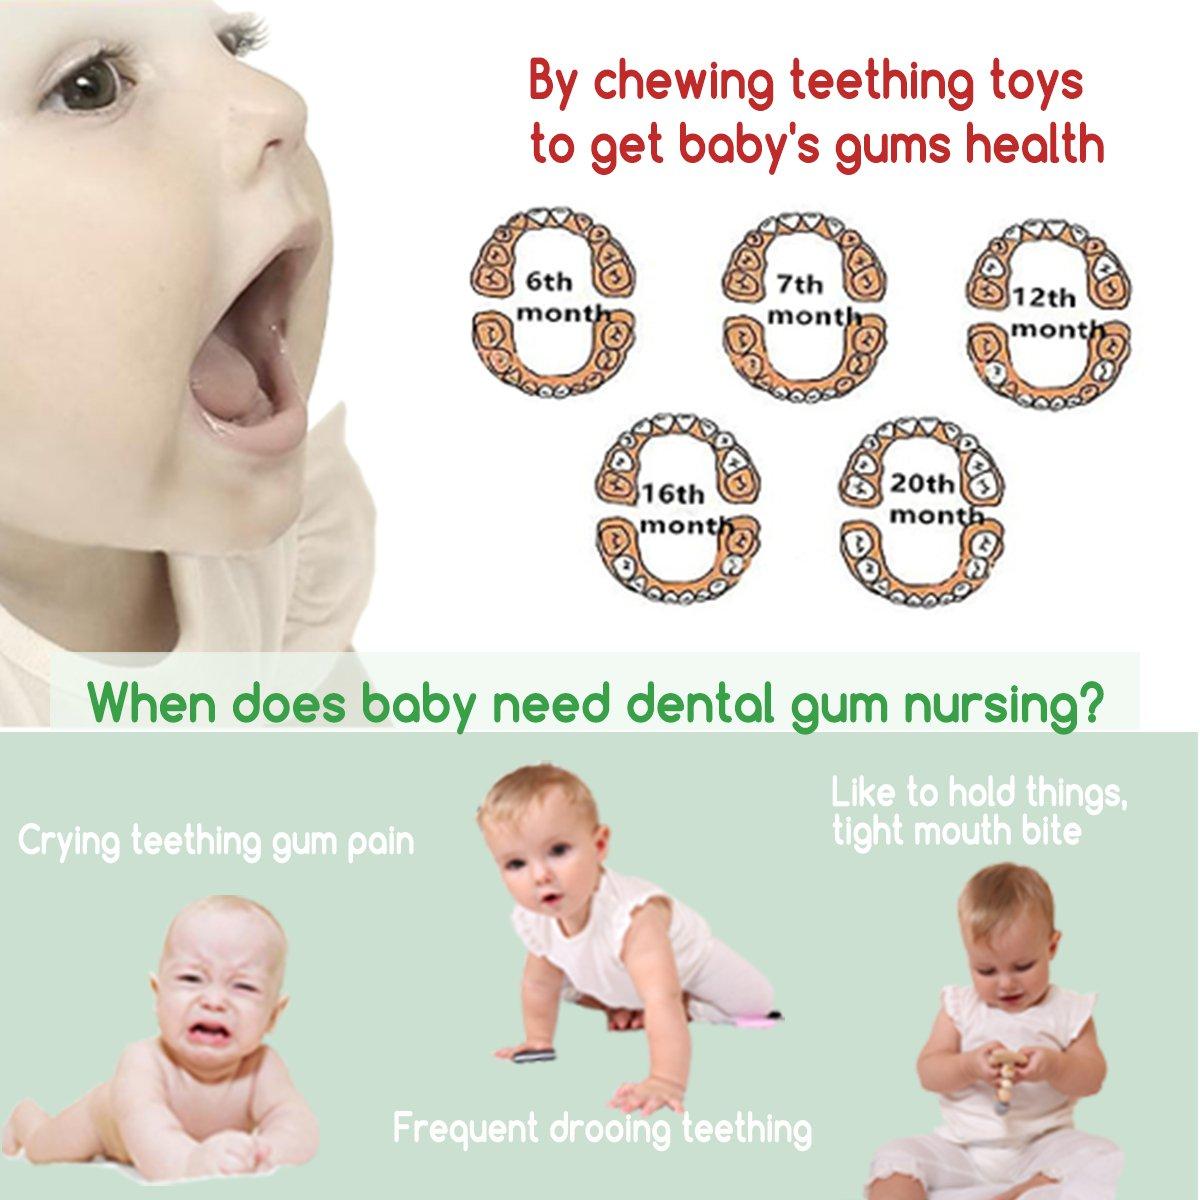 12mm Best for baby 50pcs Color mezclado Natural Cuentas de silicona Sin BPA No t/óxico Beb/é dientes Bricolaje Collar Pulsera Accesorios Juguetes de bebe